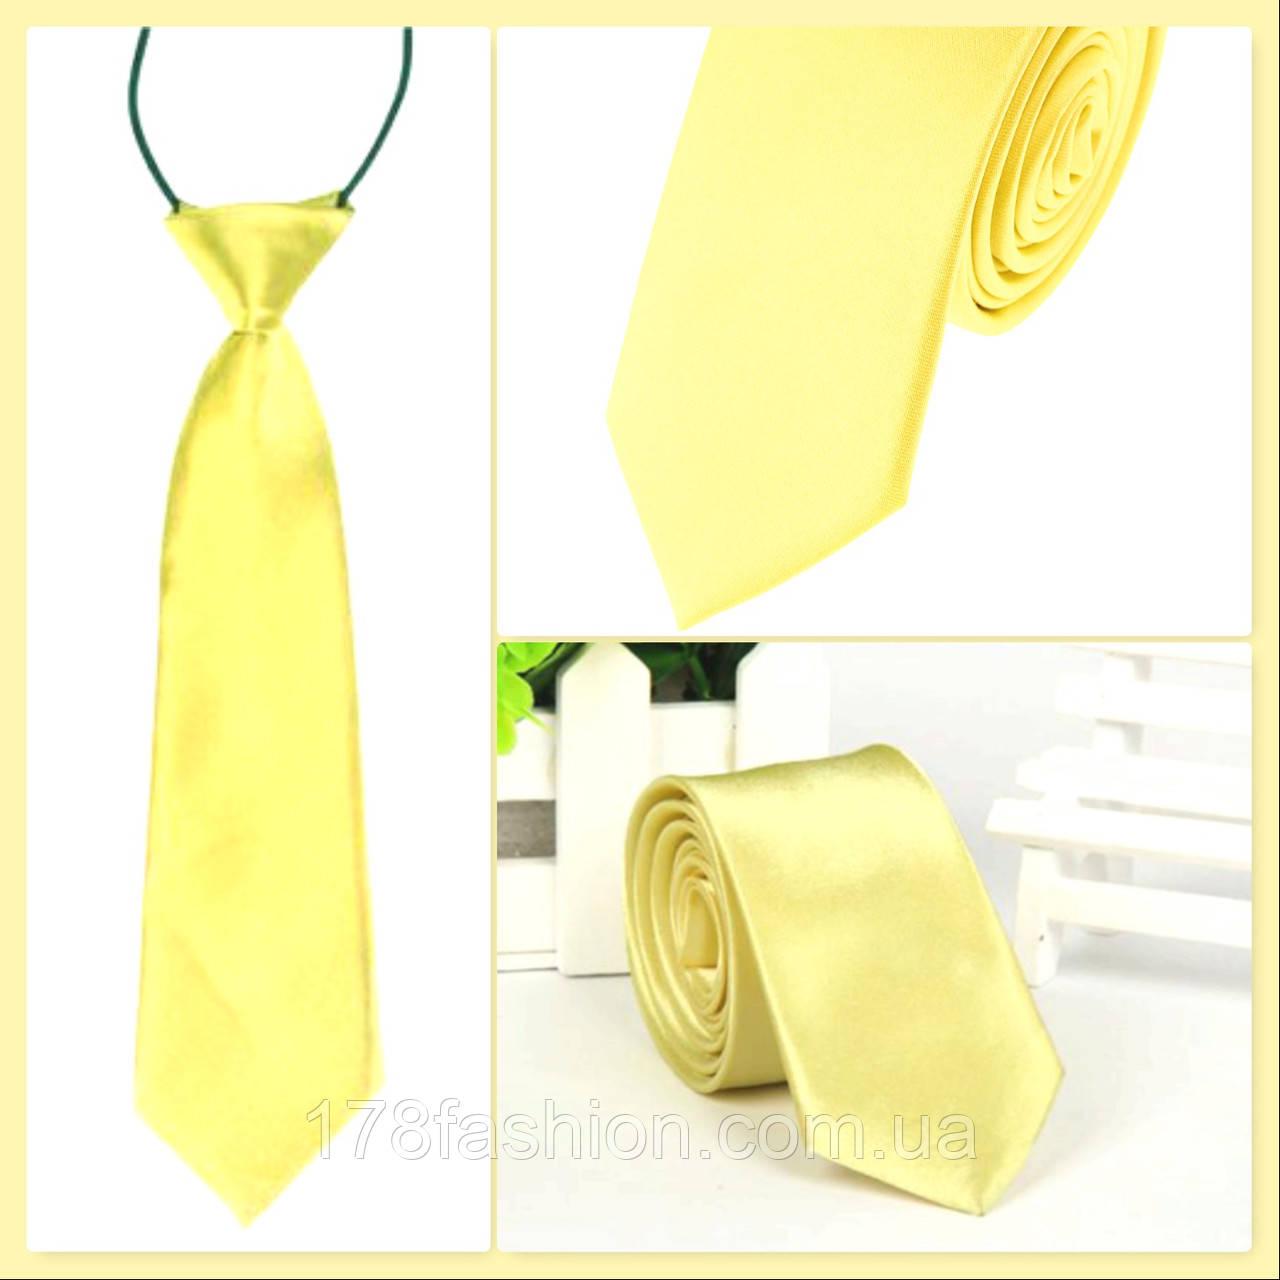 Стильный и модный детский однотонный атласный галстук №19 нежно желтый